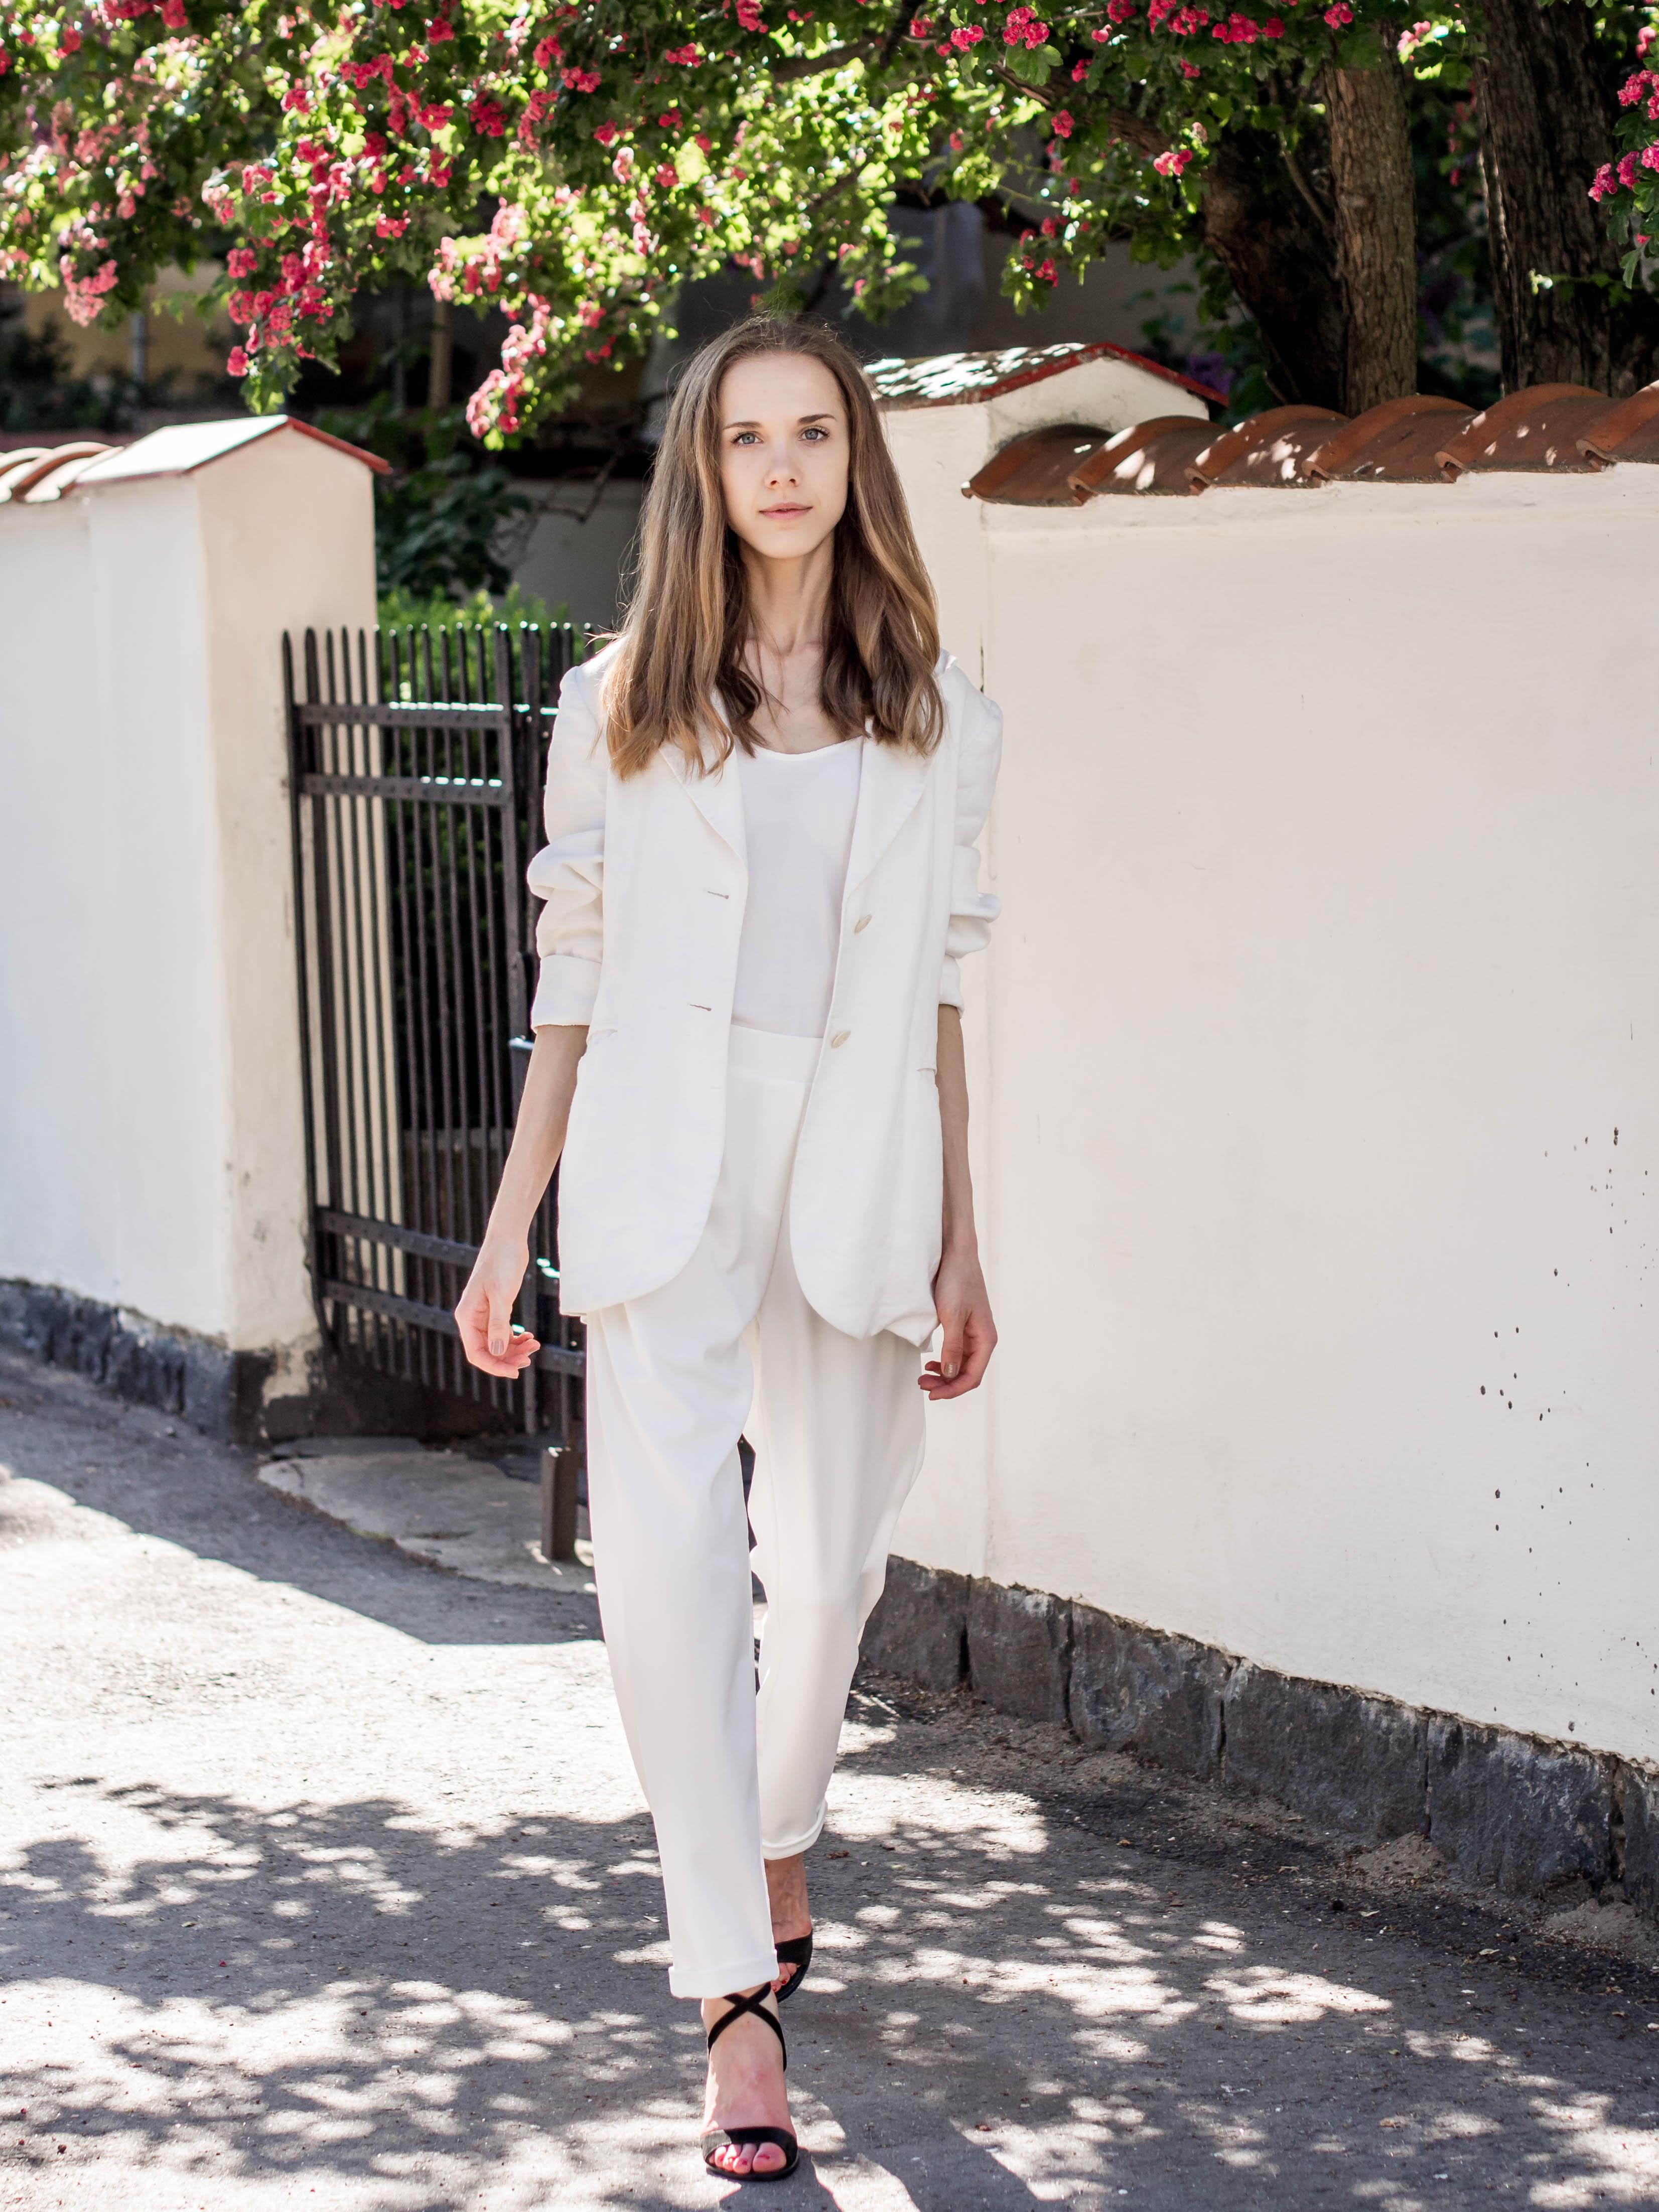 White suit outfit for women - Valkoinen housupuku kesän juhliin